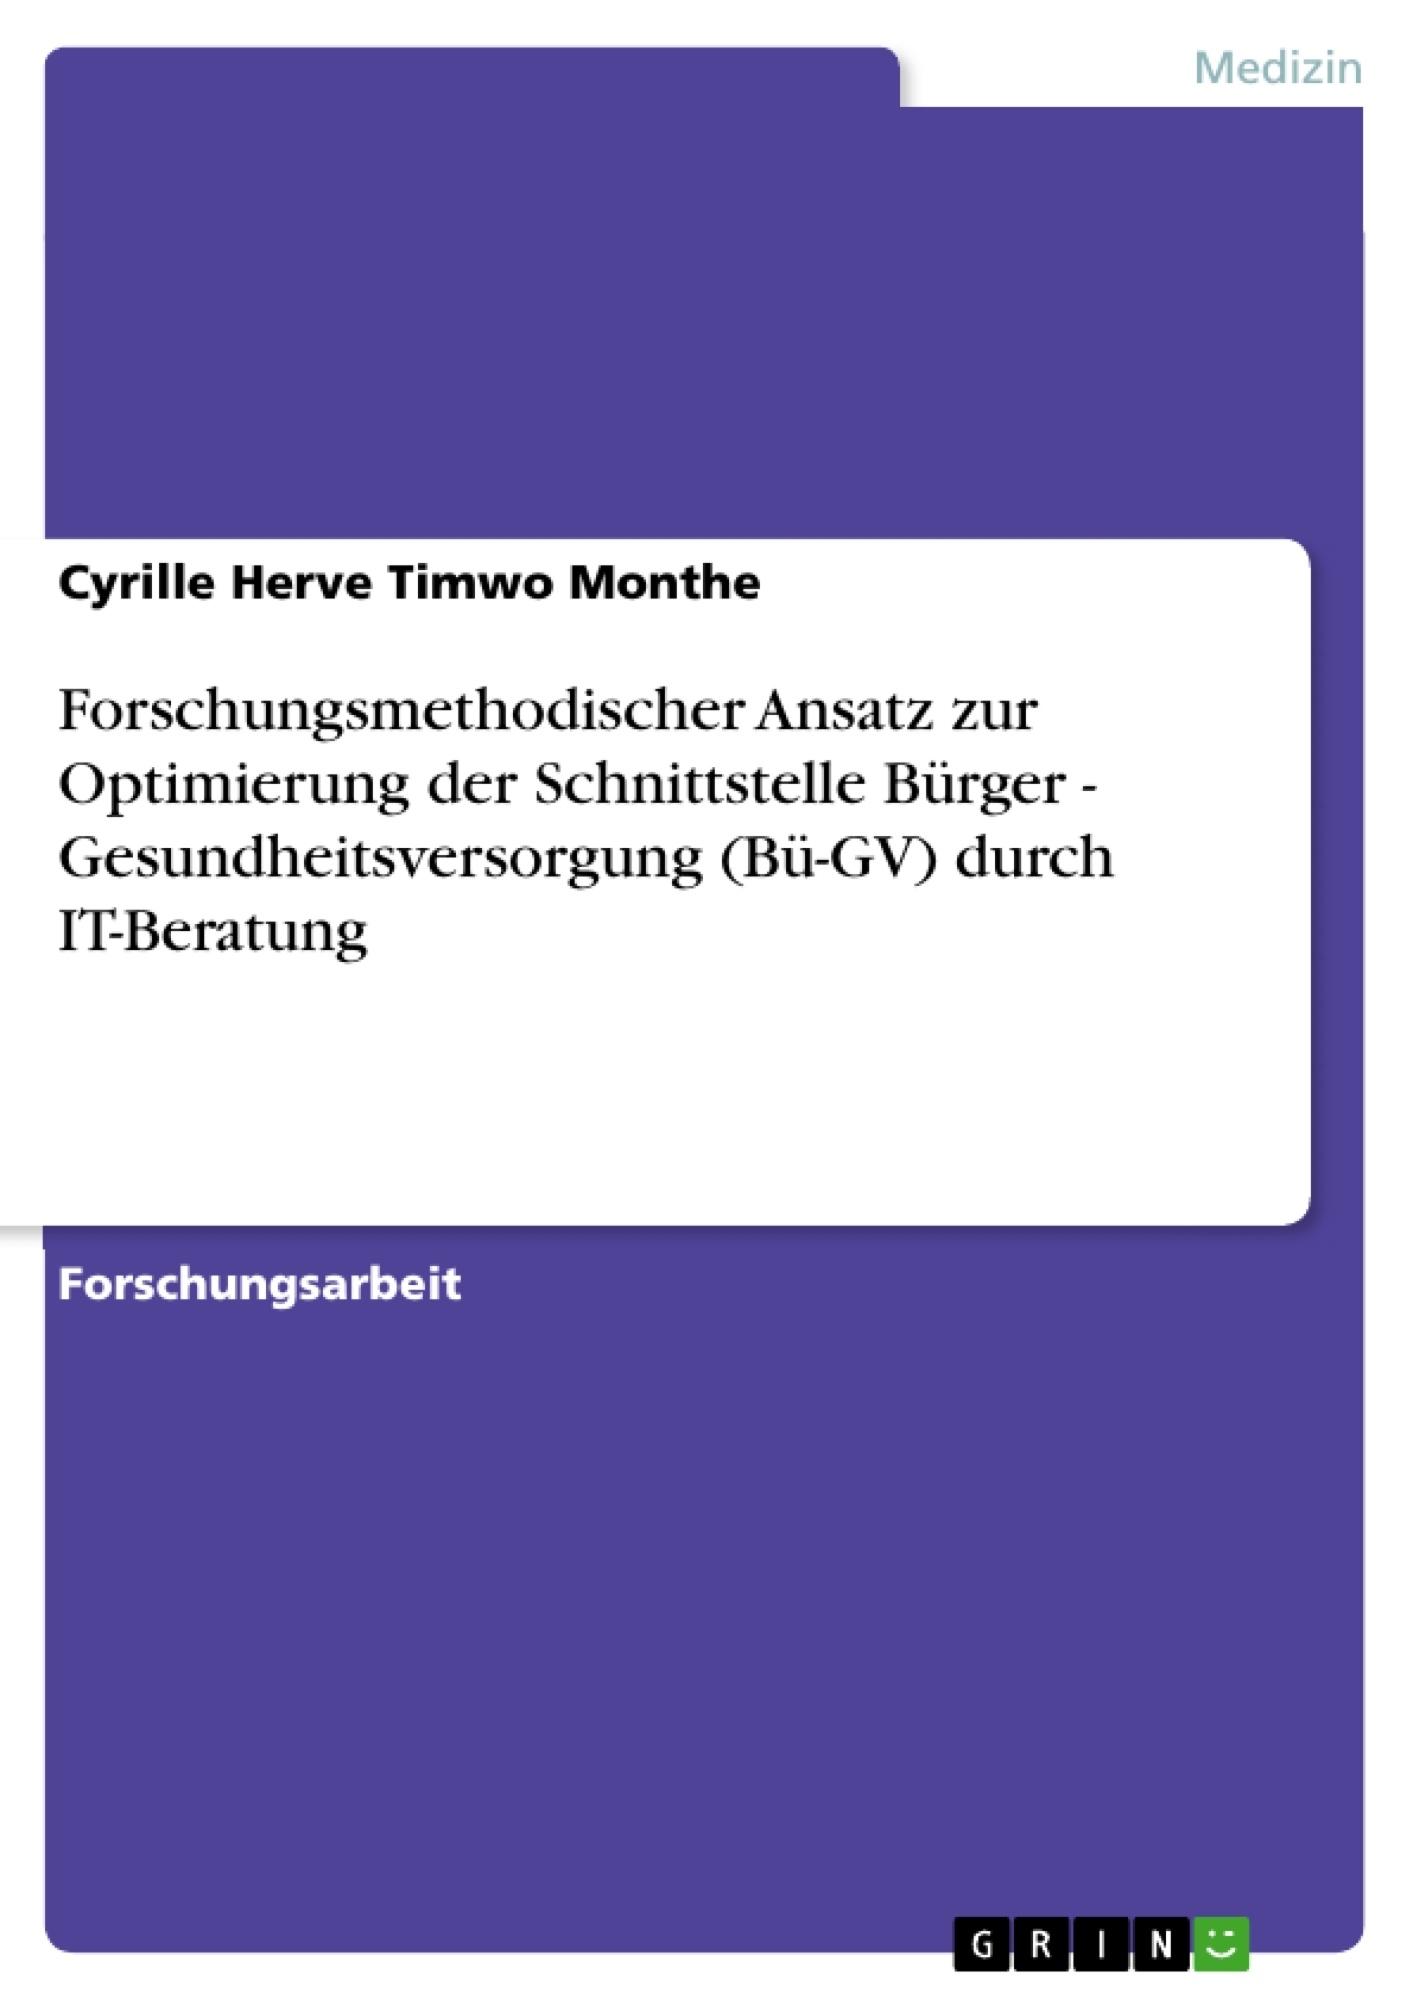 Titel: Forschungsmethodischer Ansatz zur Optimierung der Schnittstelle Bürger - Gesundheitsversorgung (Bü-GV) durch IT-Beratung